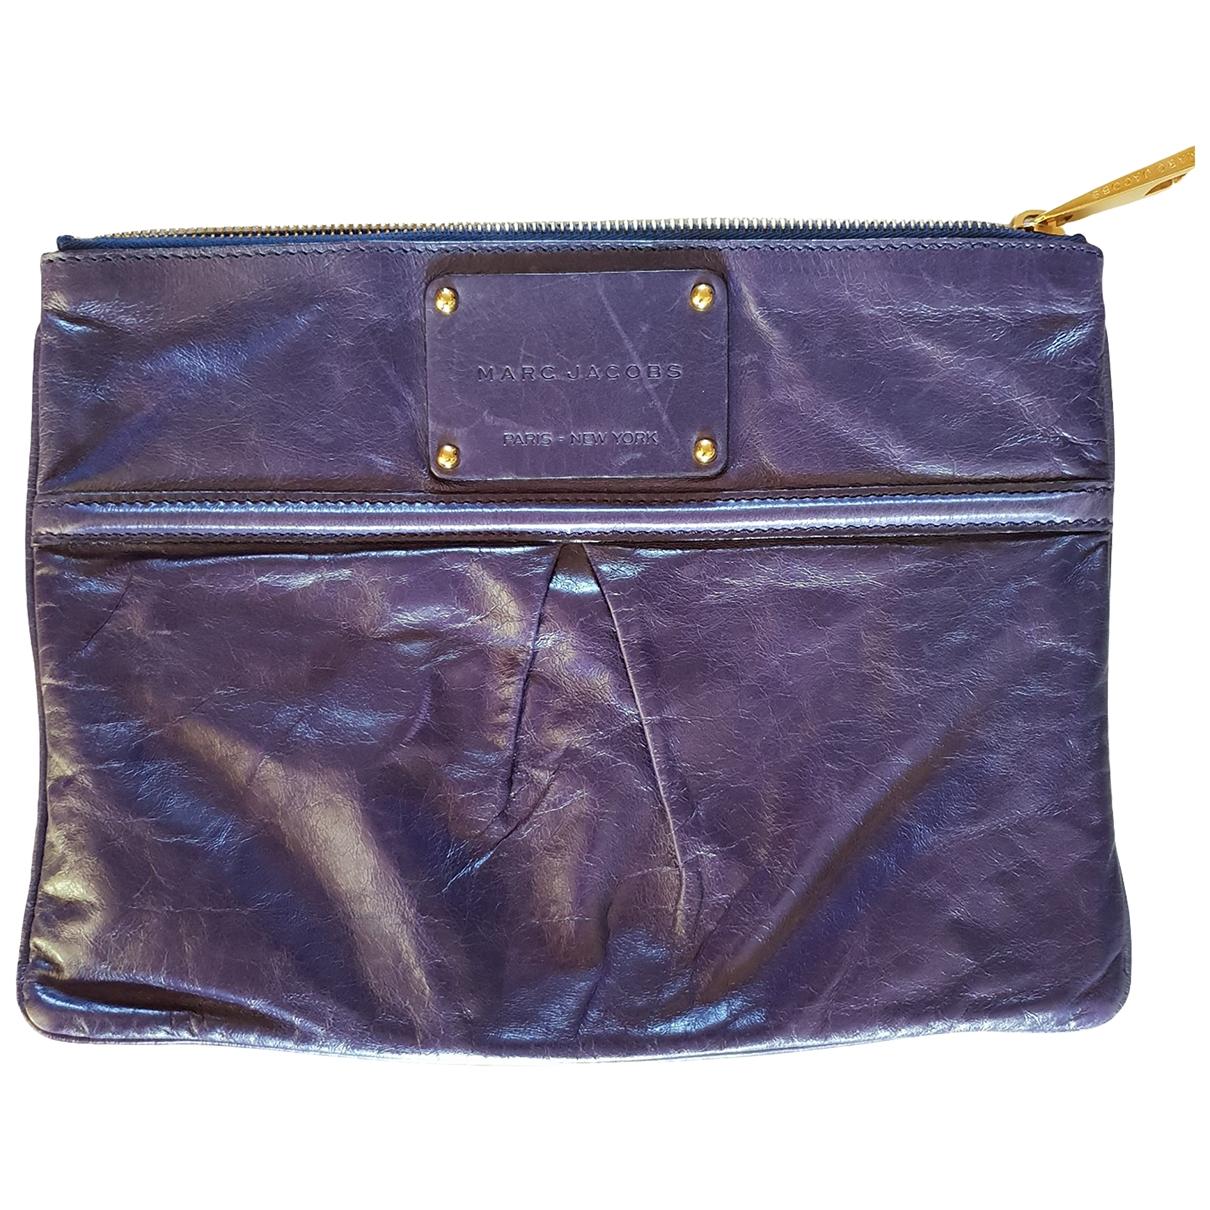 Marc Jacobs - Petite maroquinerie   pour femme en cuir - violet